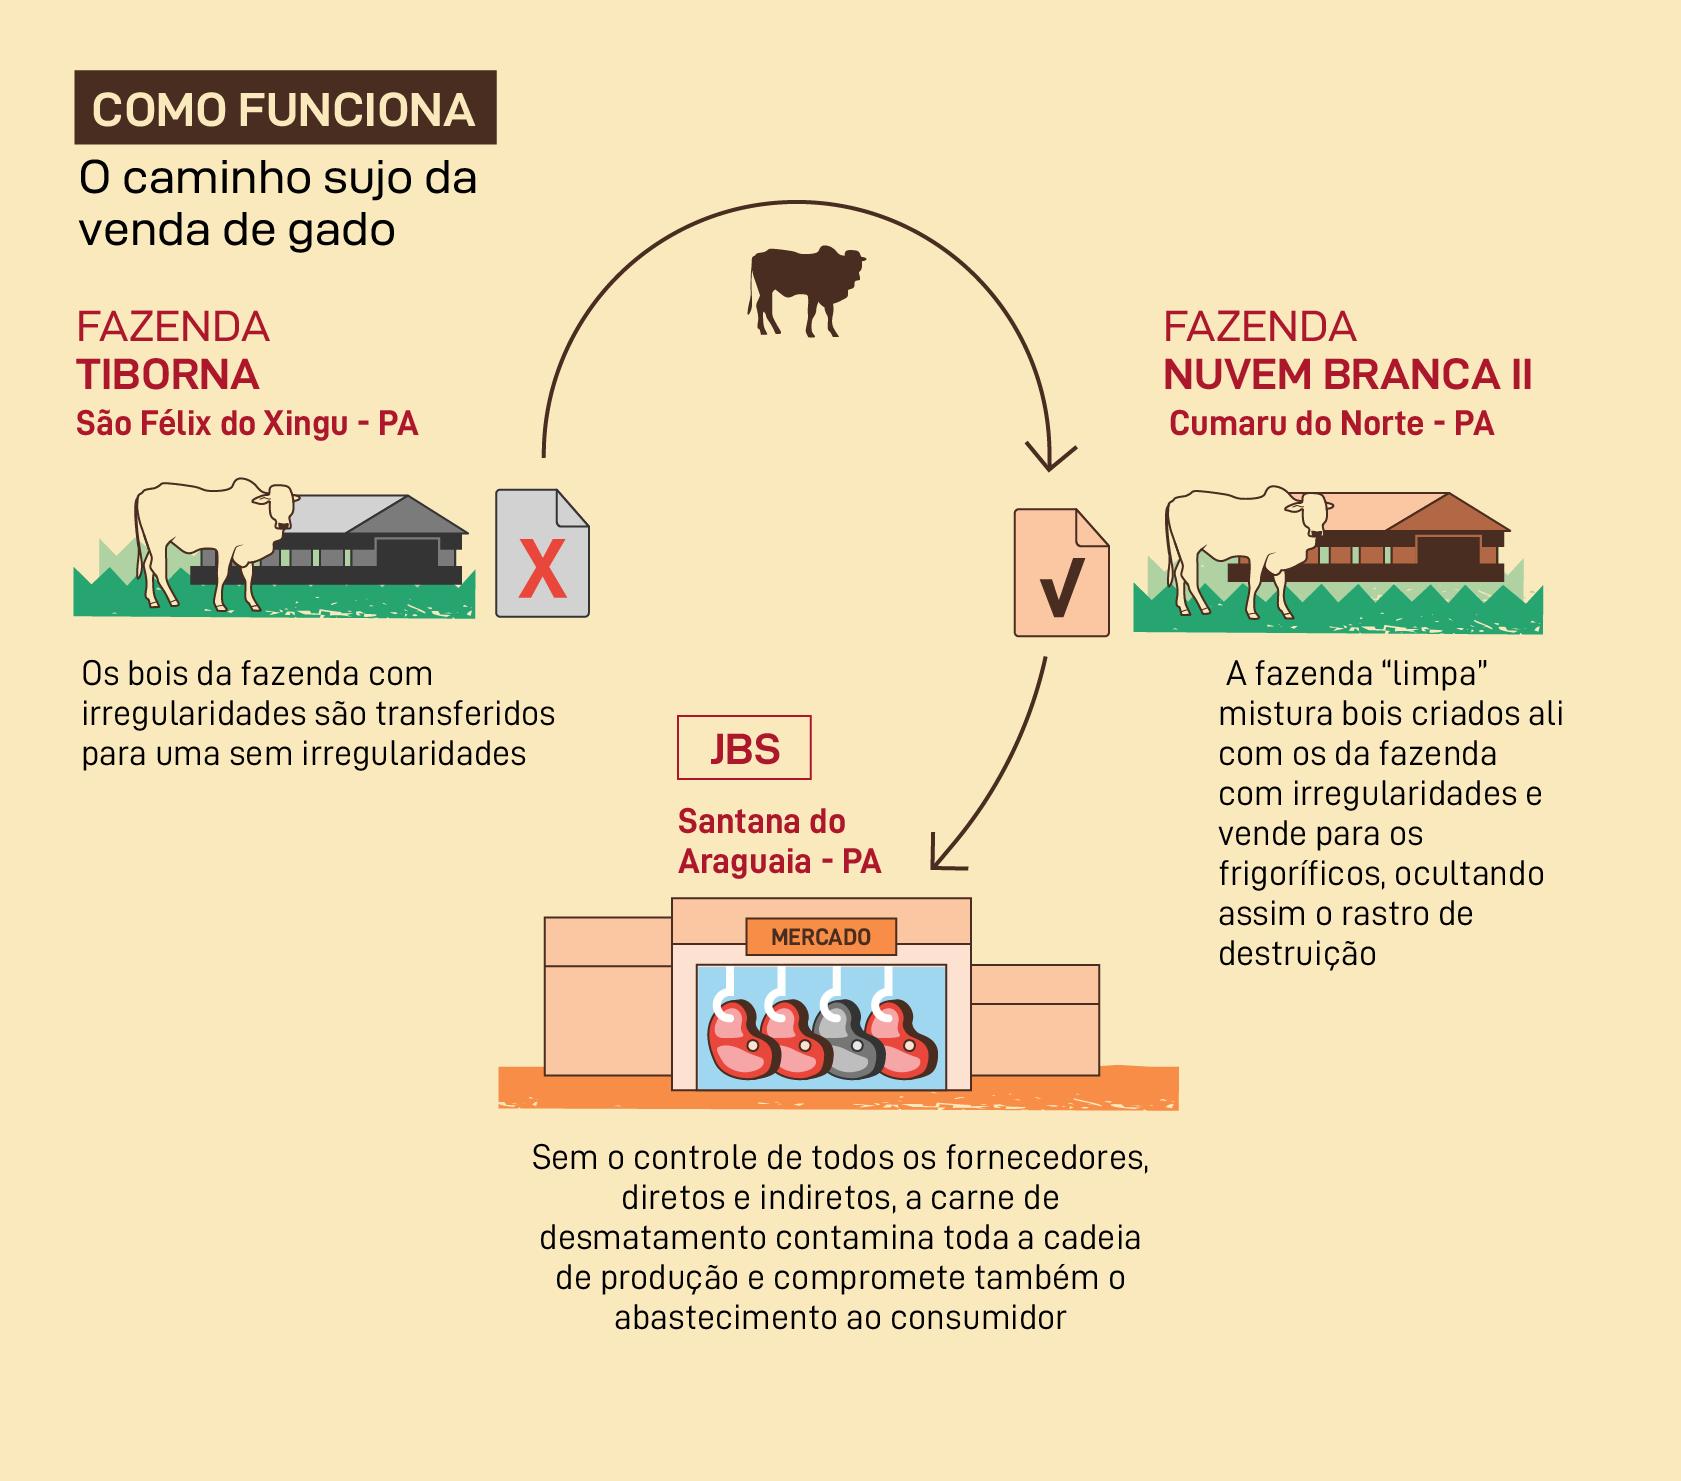 Como funciona o caminho sujo da venda de gado